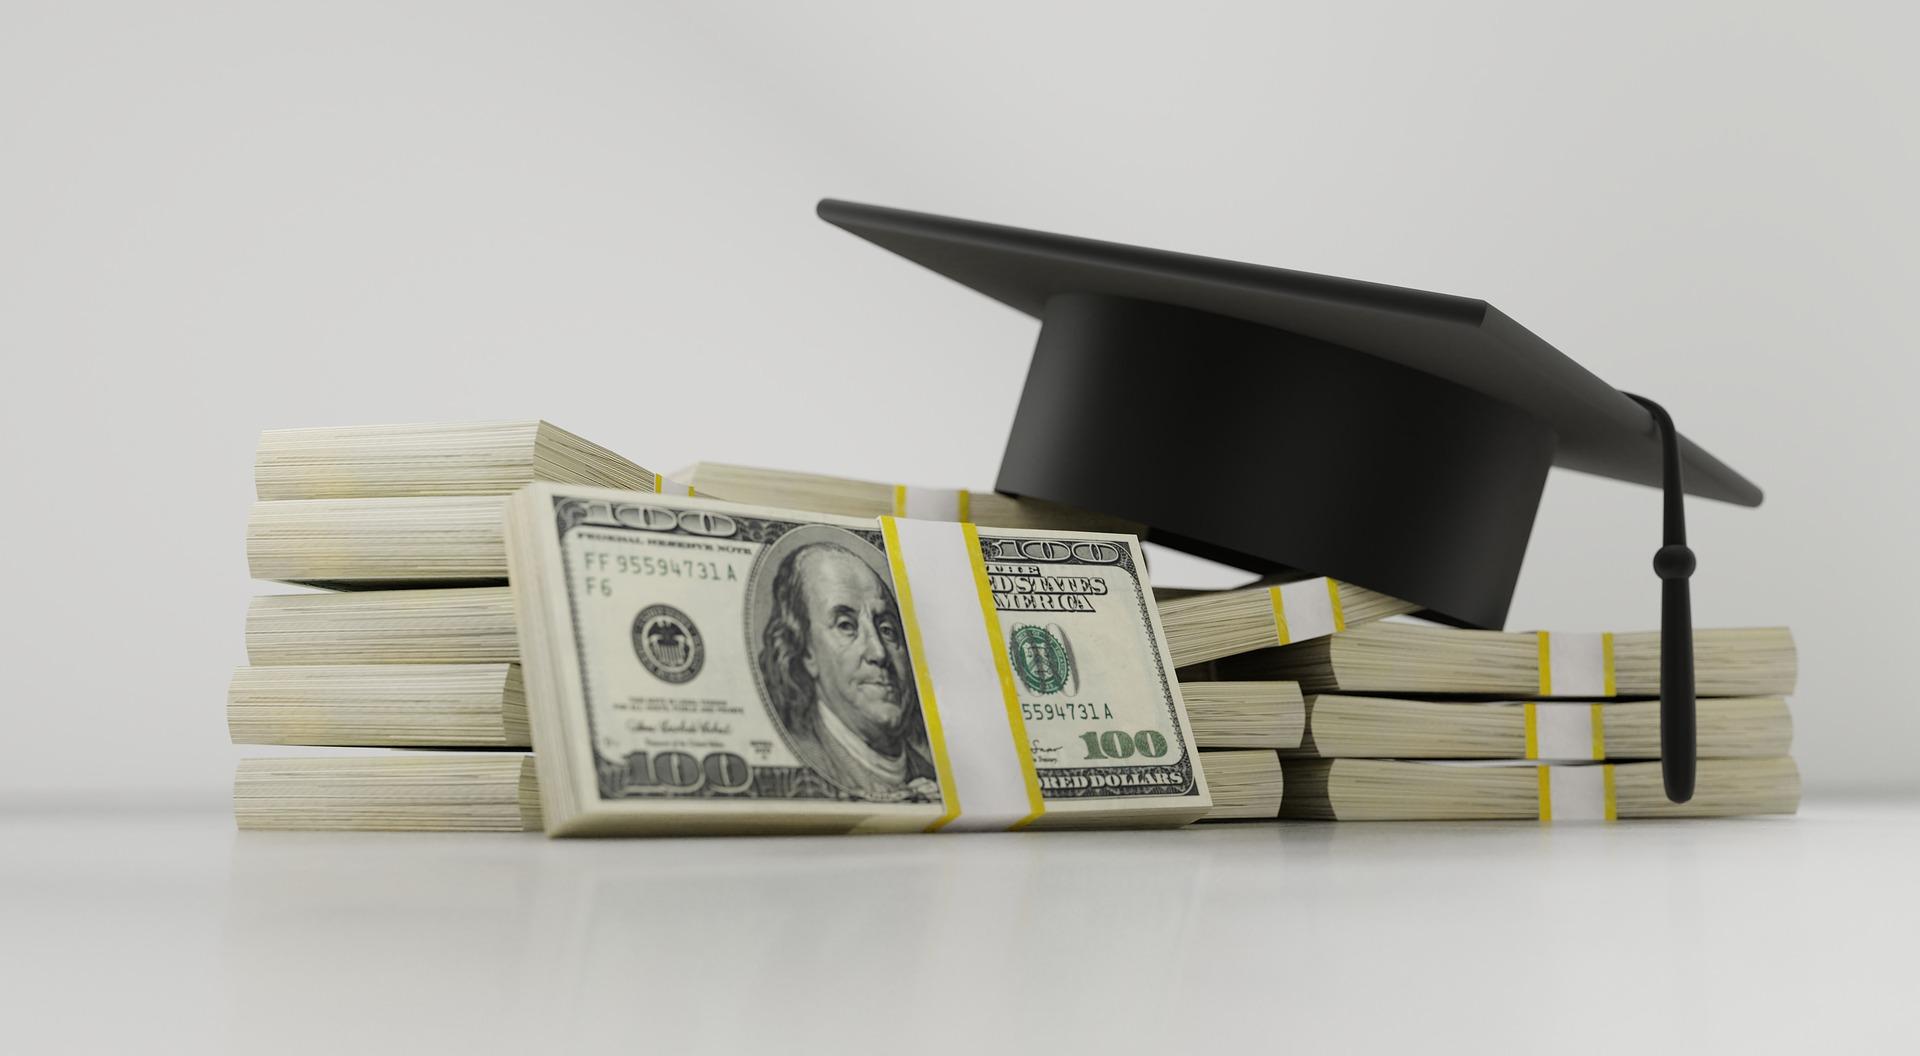 Lån penge til studiebøgerne og andre relevante ting